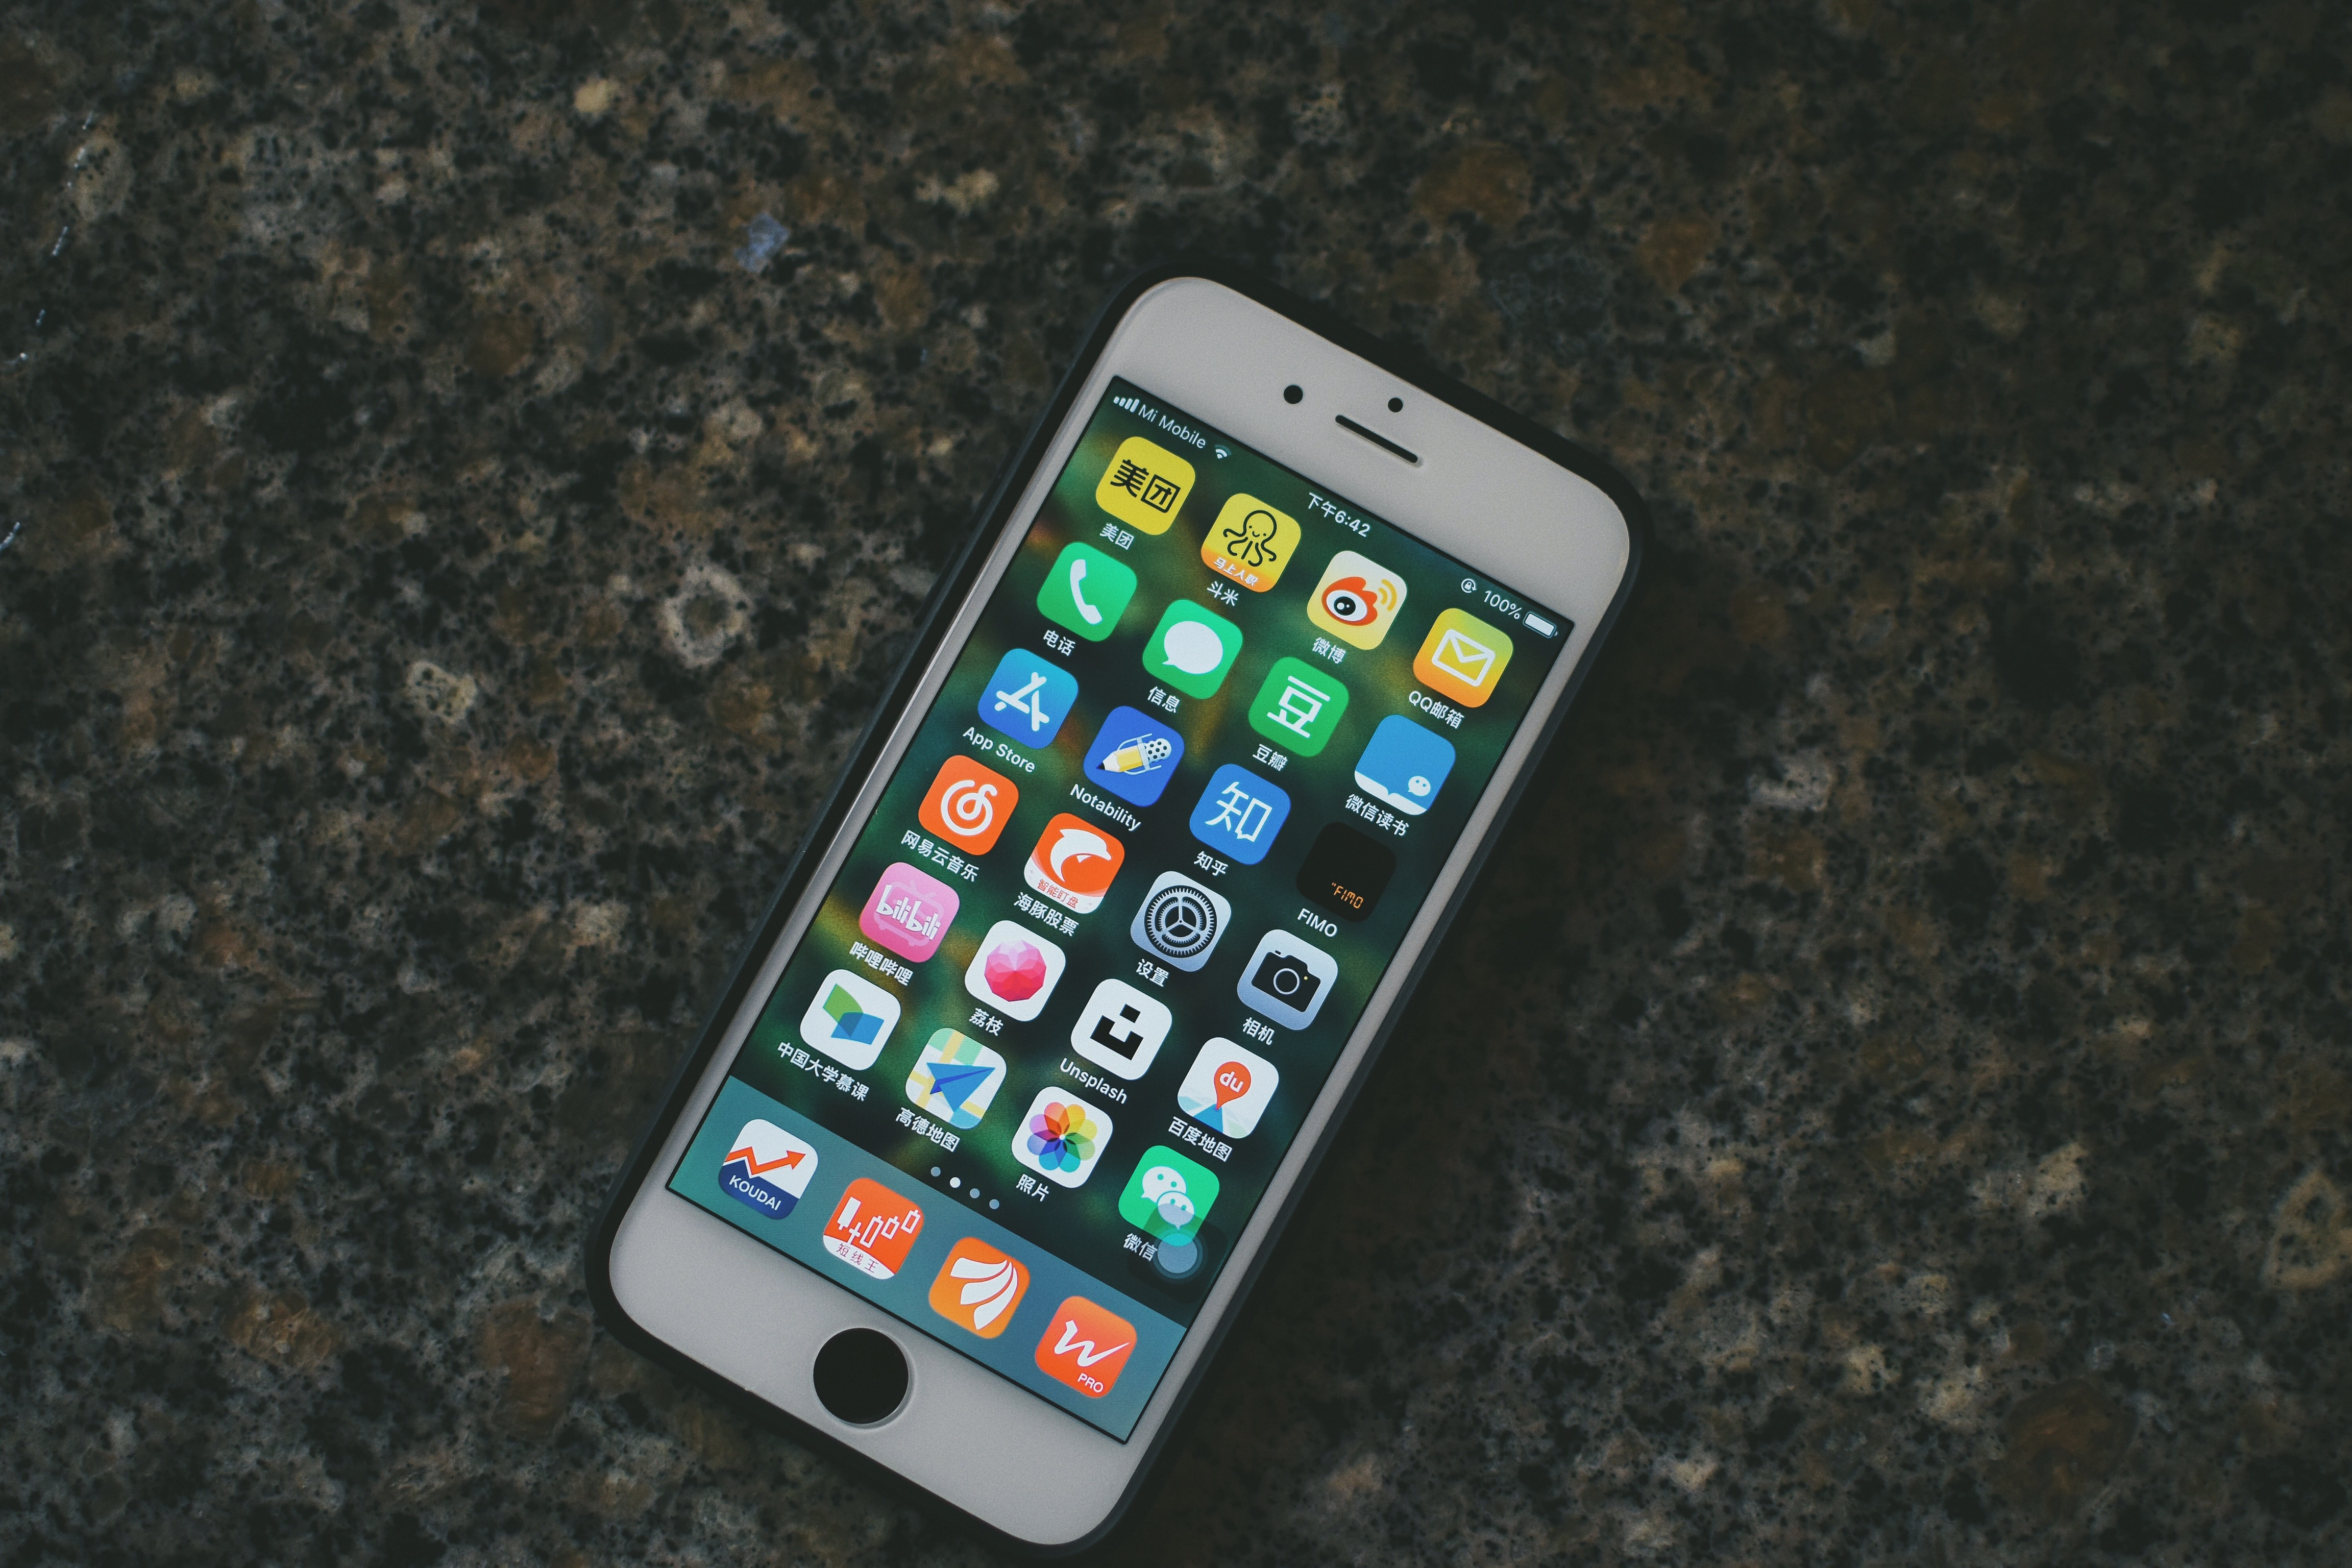 「ちらみ」はどんなアプリ?LINEの既読をつけずに読めるメリットや使い方!